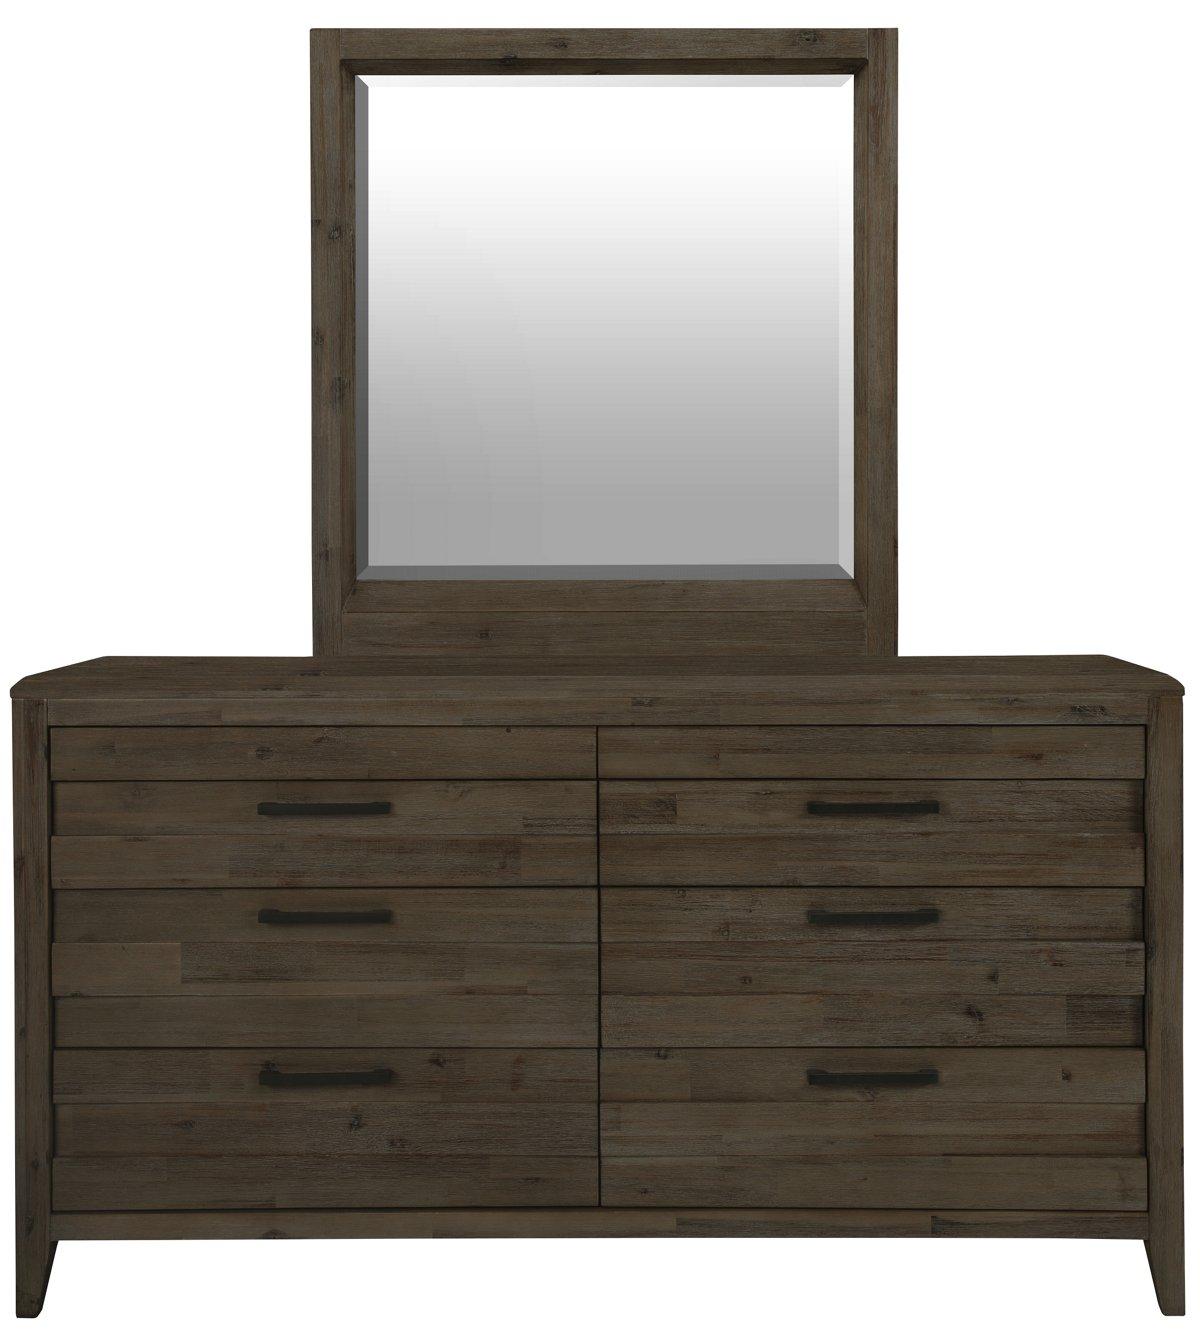 Casablanca Dark Tone Wood Dresser & Mirror